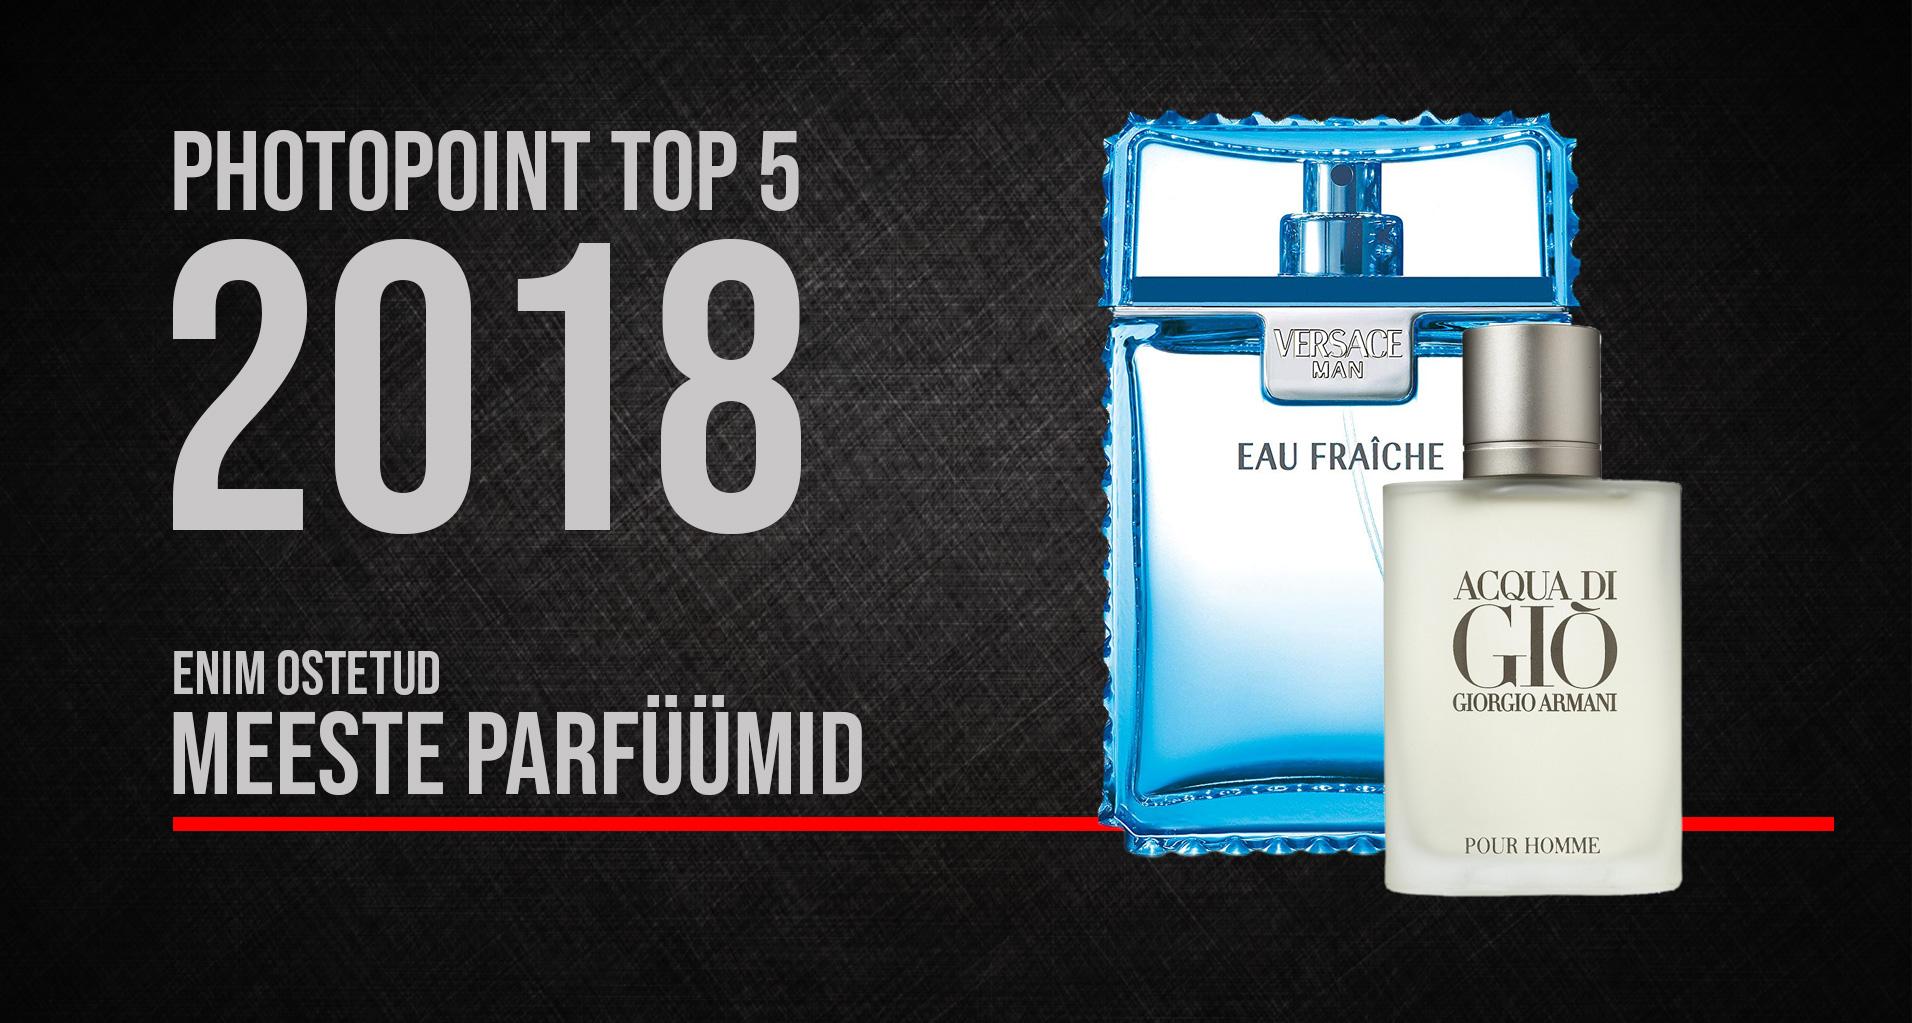 bcc5a0ae912 ... lähedastele kingipaki sisse pista, siis anname Sulle valiku tegemiseks  inspiratsiooni. Järgnevalt oleme üles reastanud meeste parfüümid, ...